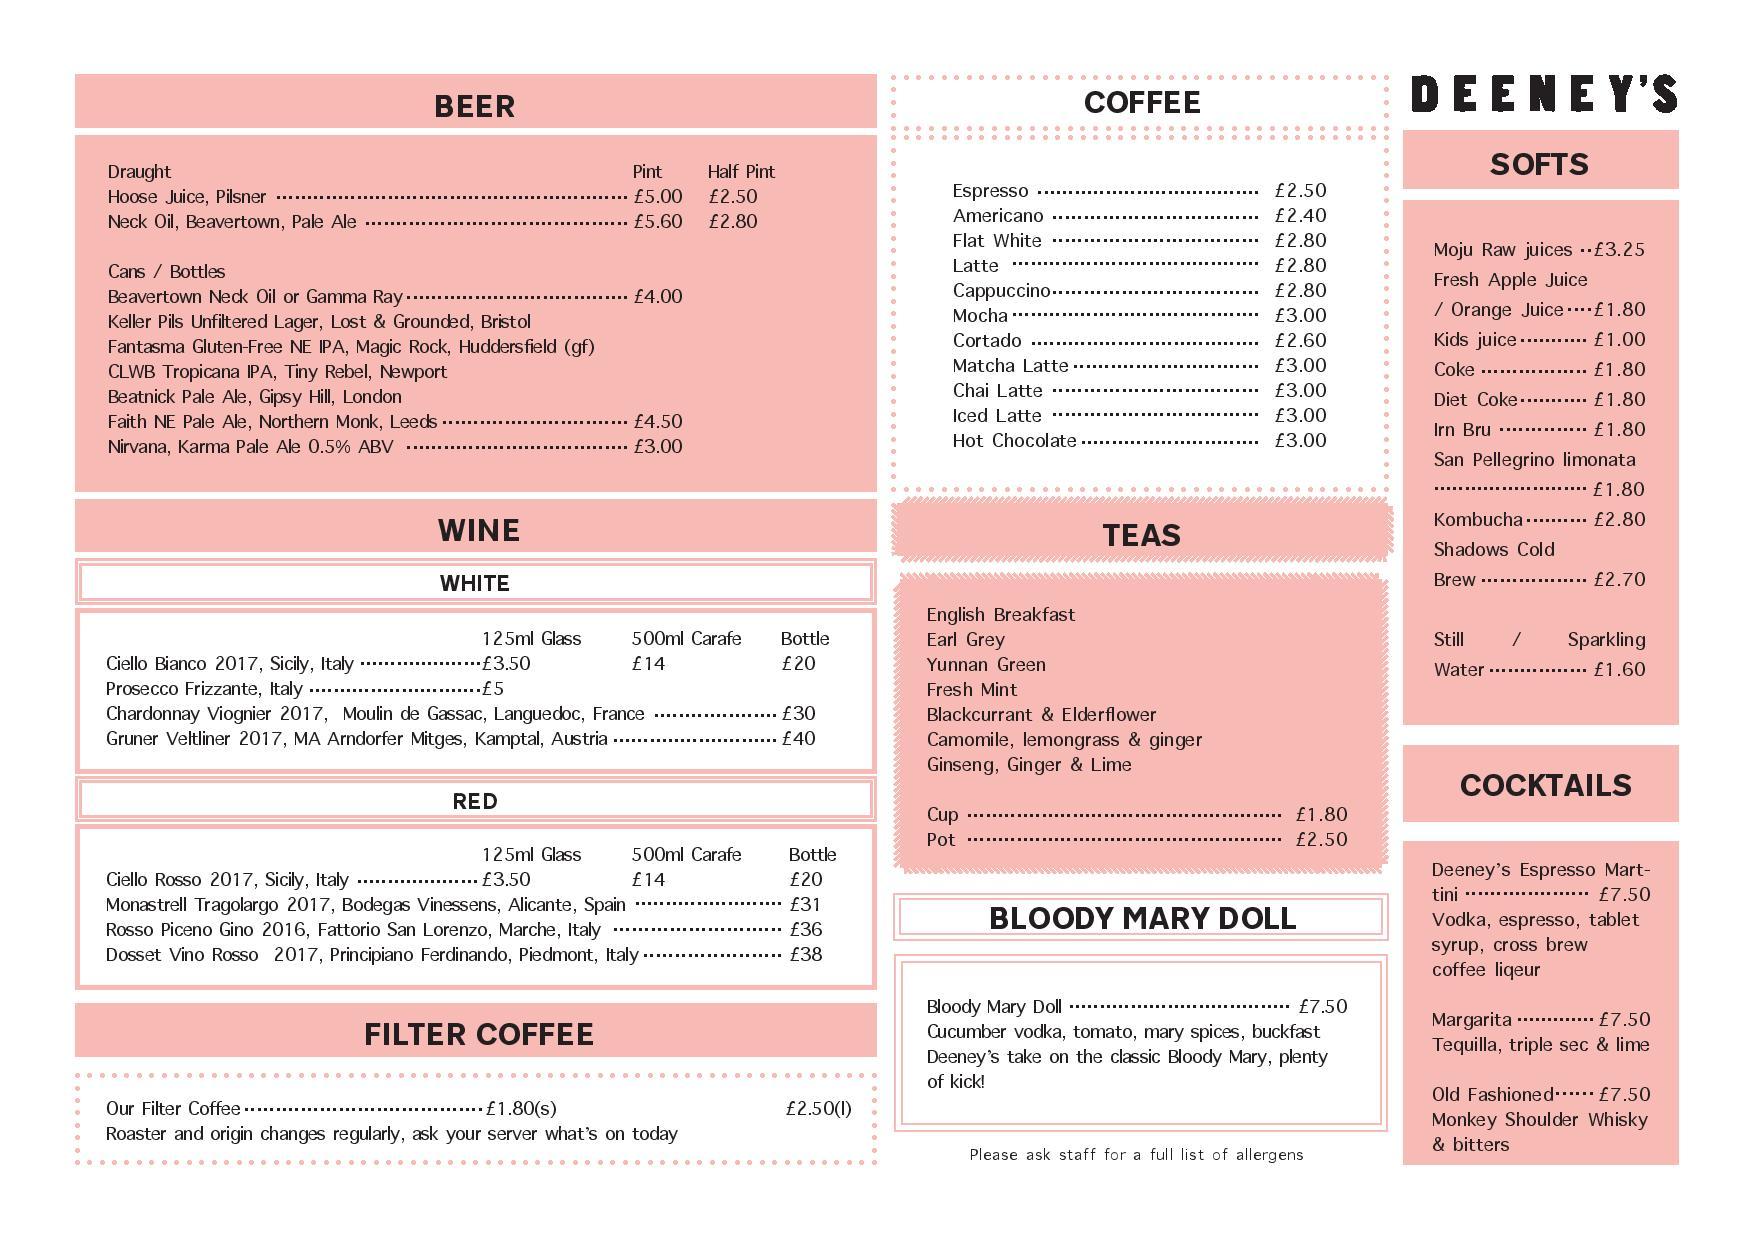 Deeney s New Drinks page 2.jpg